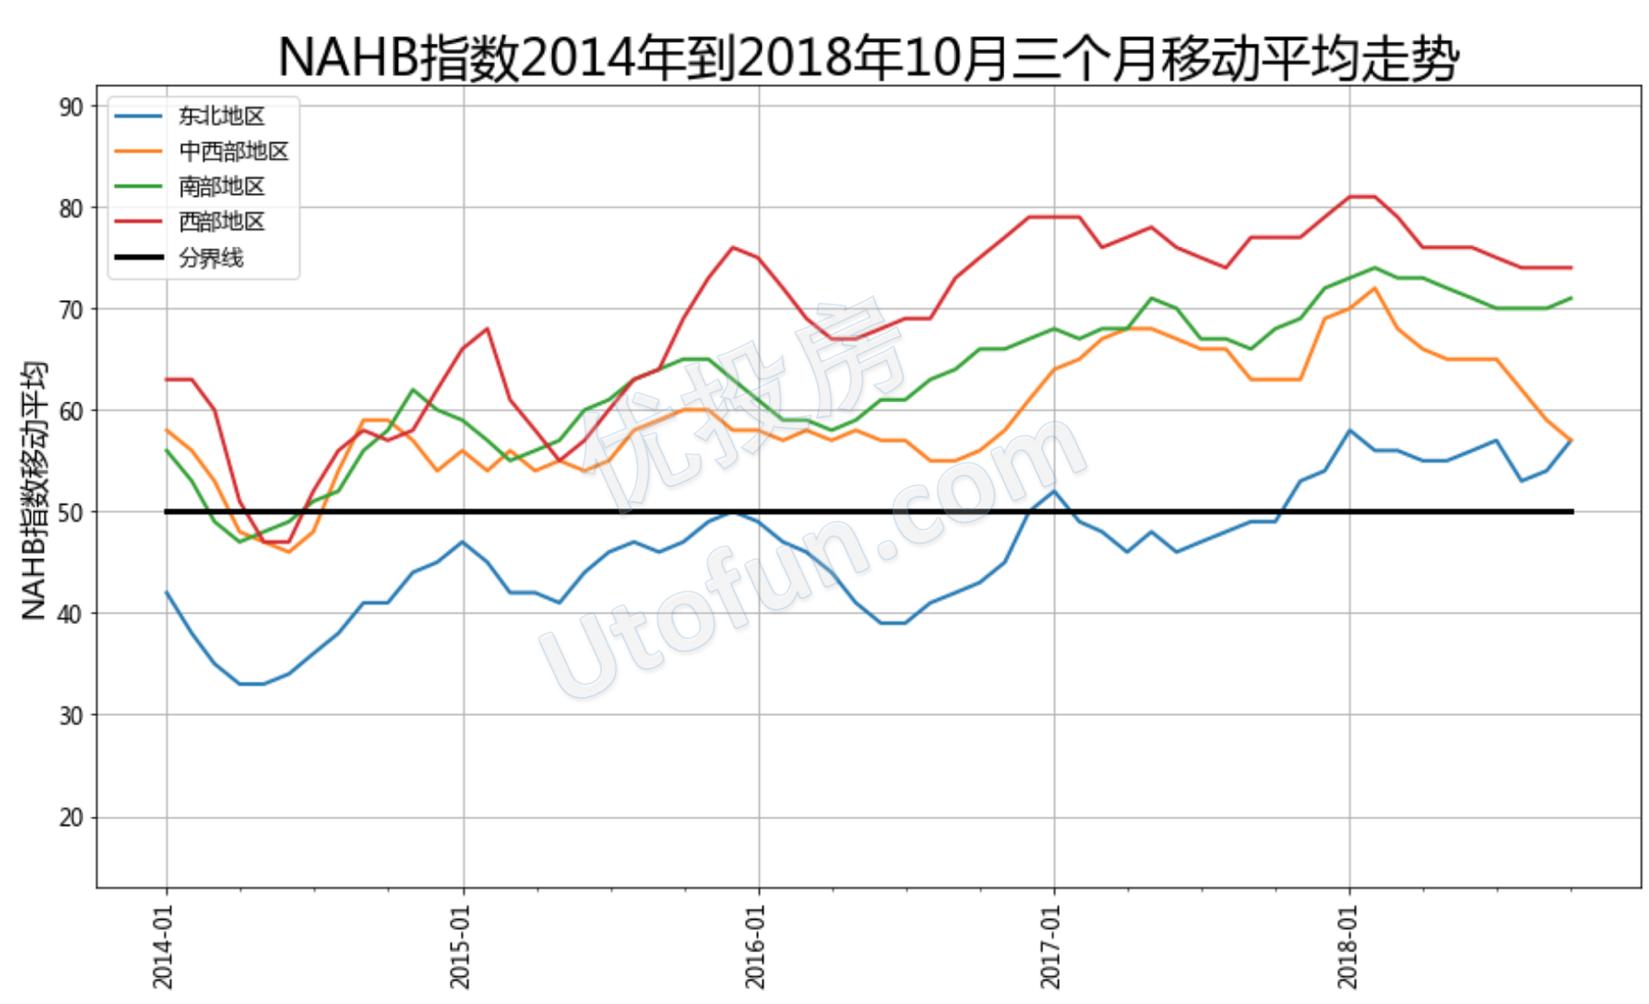 美国房产开发商信心指数详解(2018年10月更新)